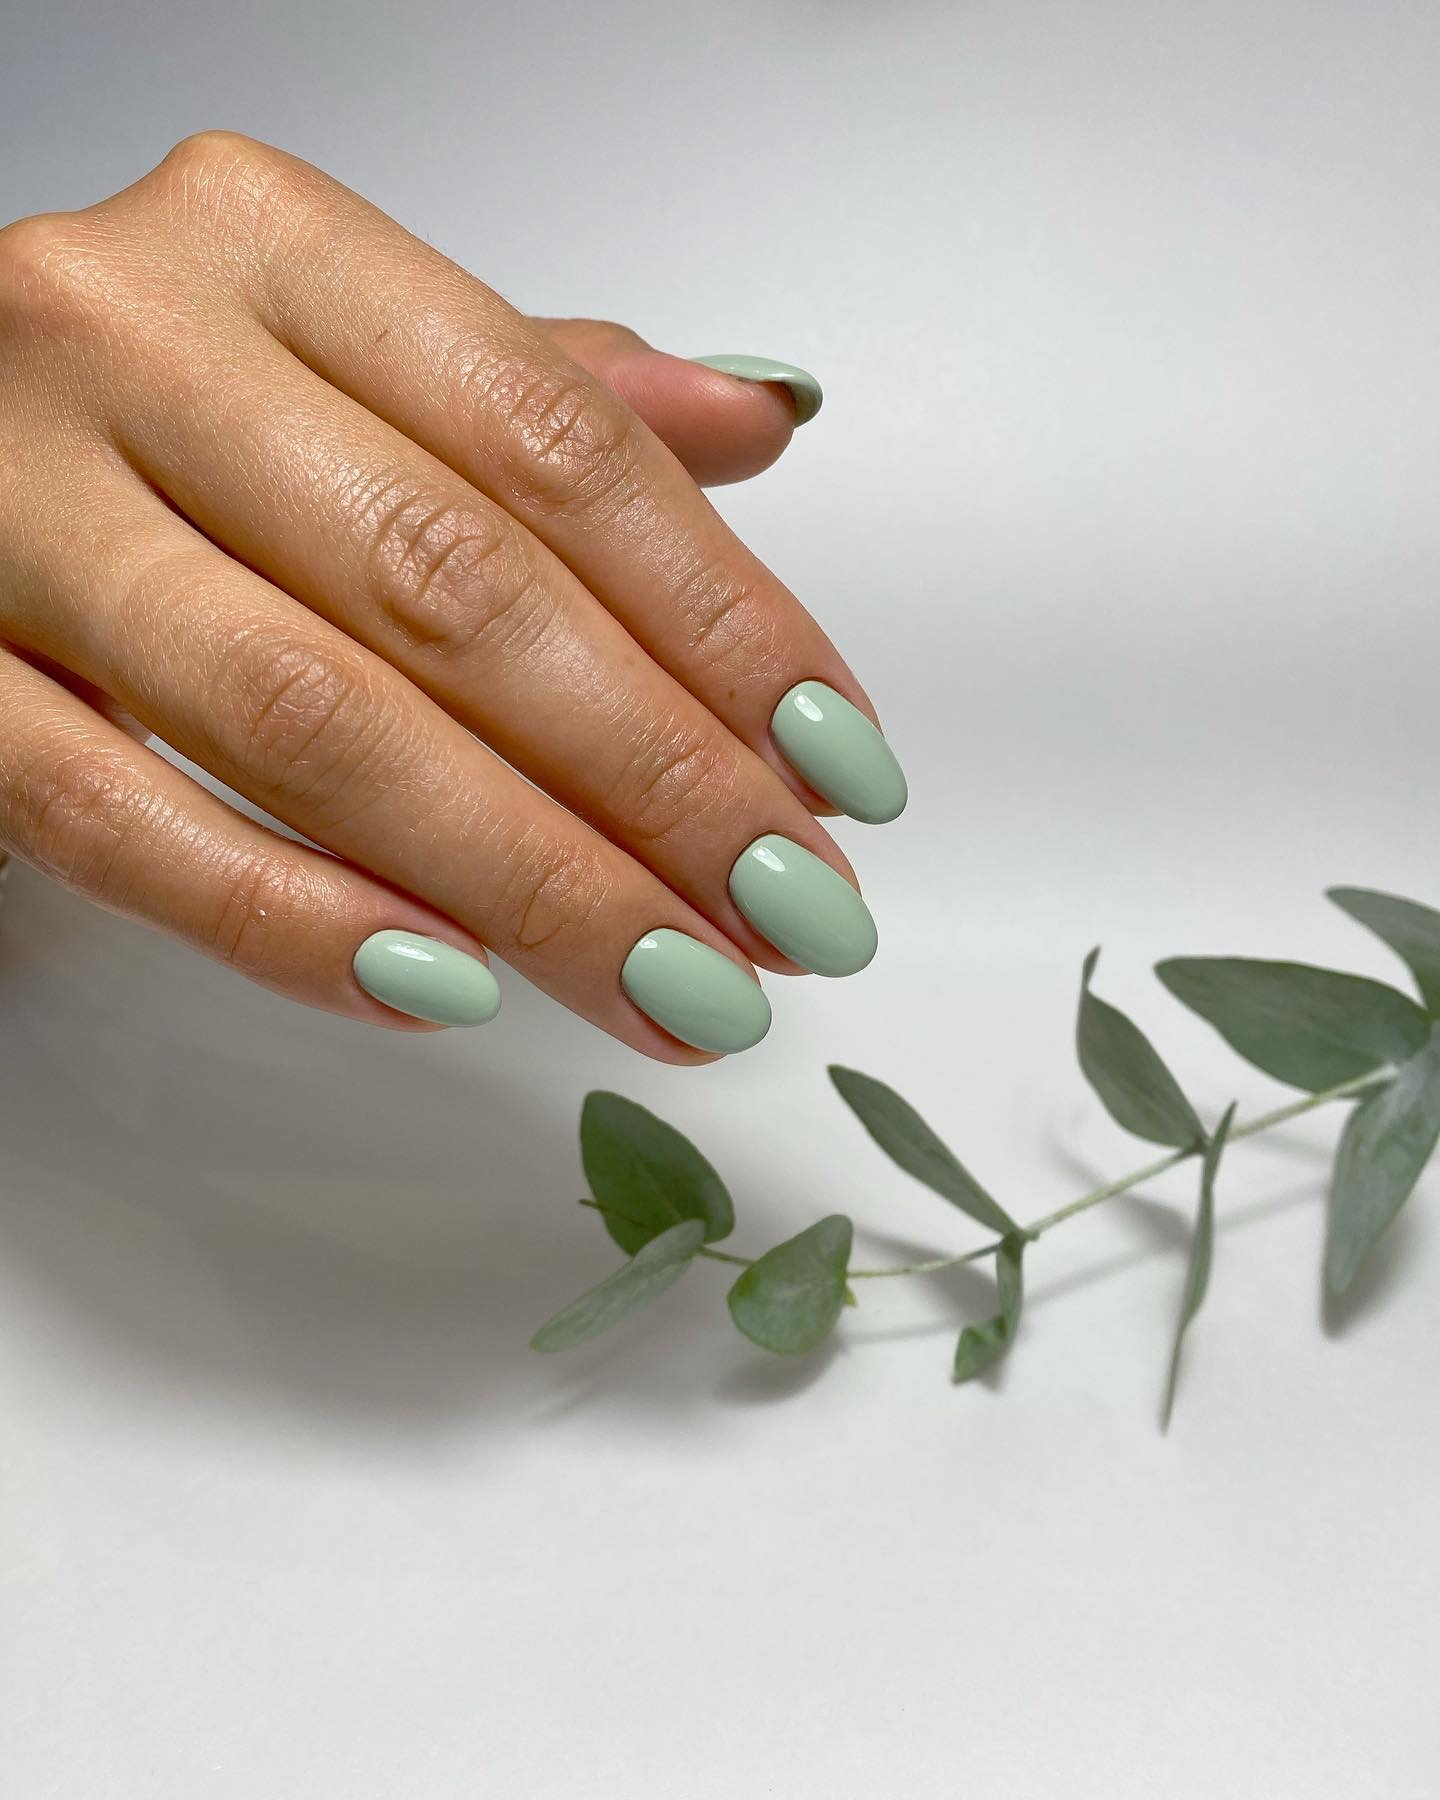 Маникюр в фисташковом цвете на короткие ногти.